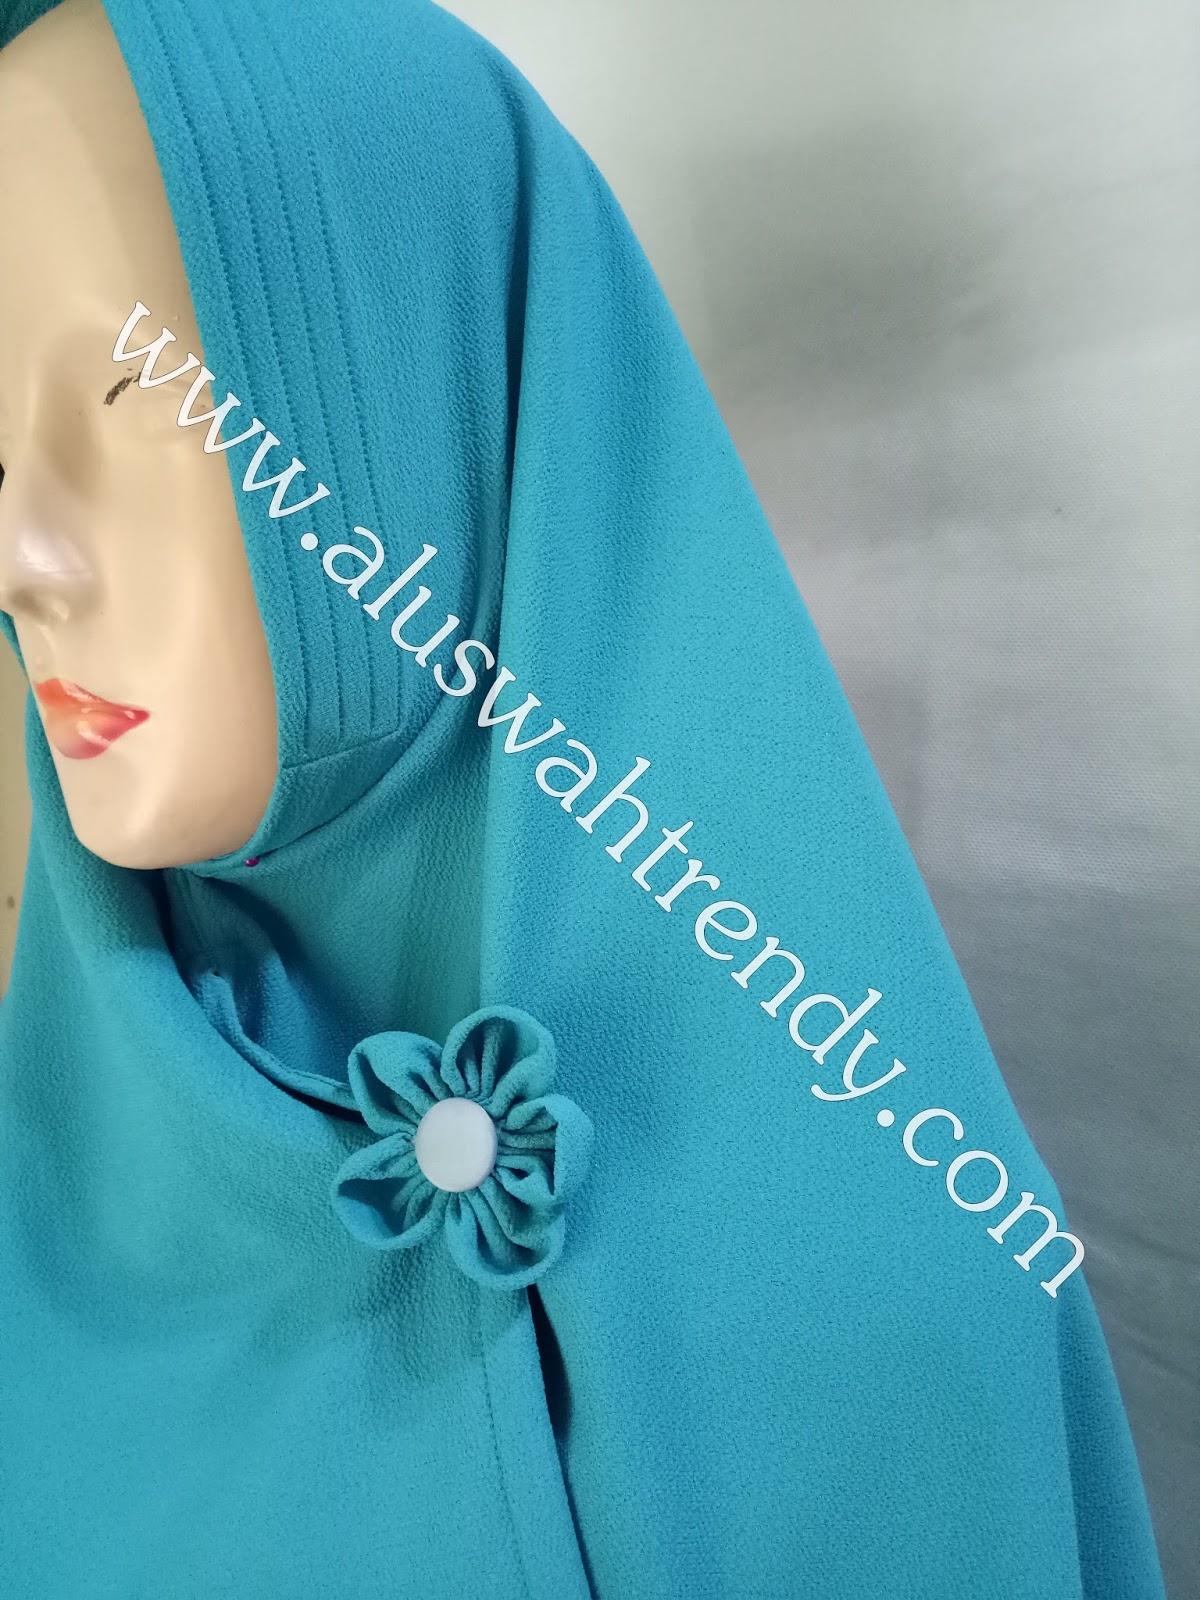 Jilbab Khimar Bolak-Balik Warna Biru Muda 19